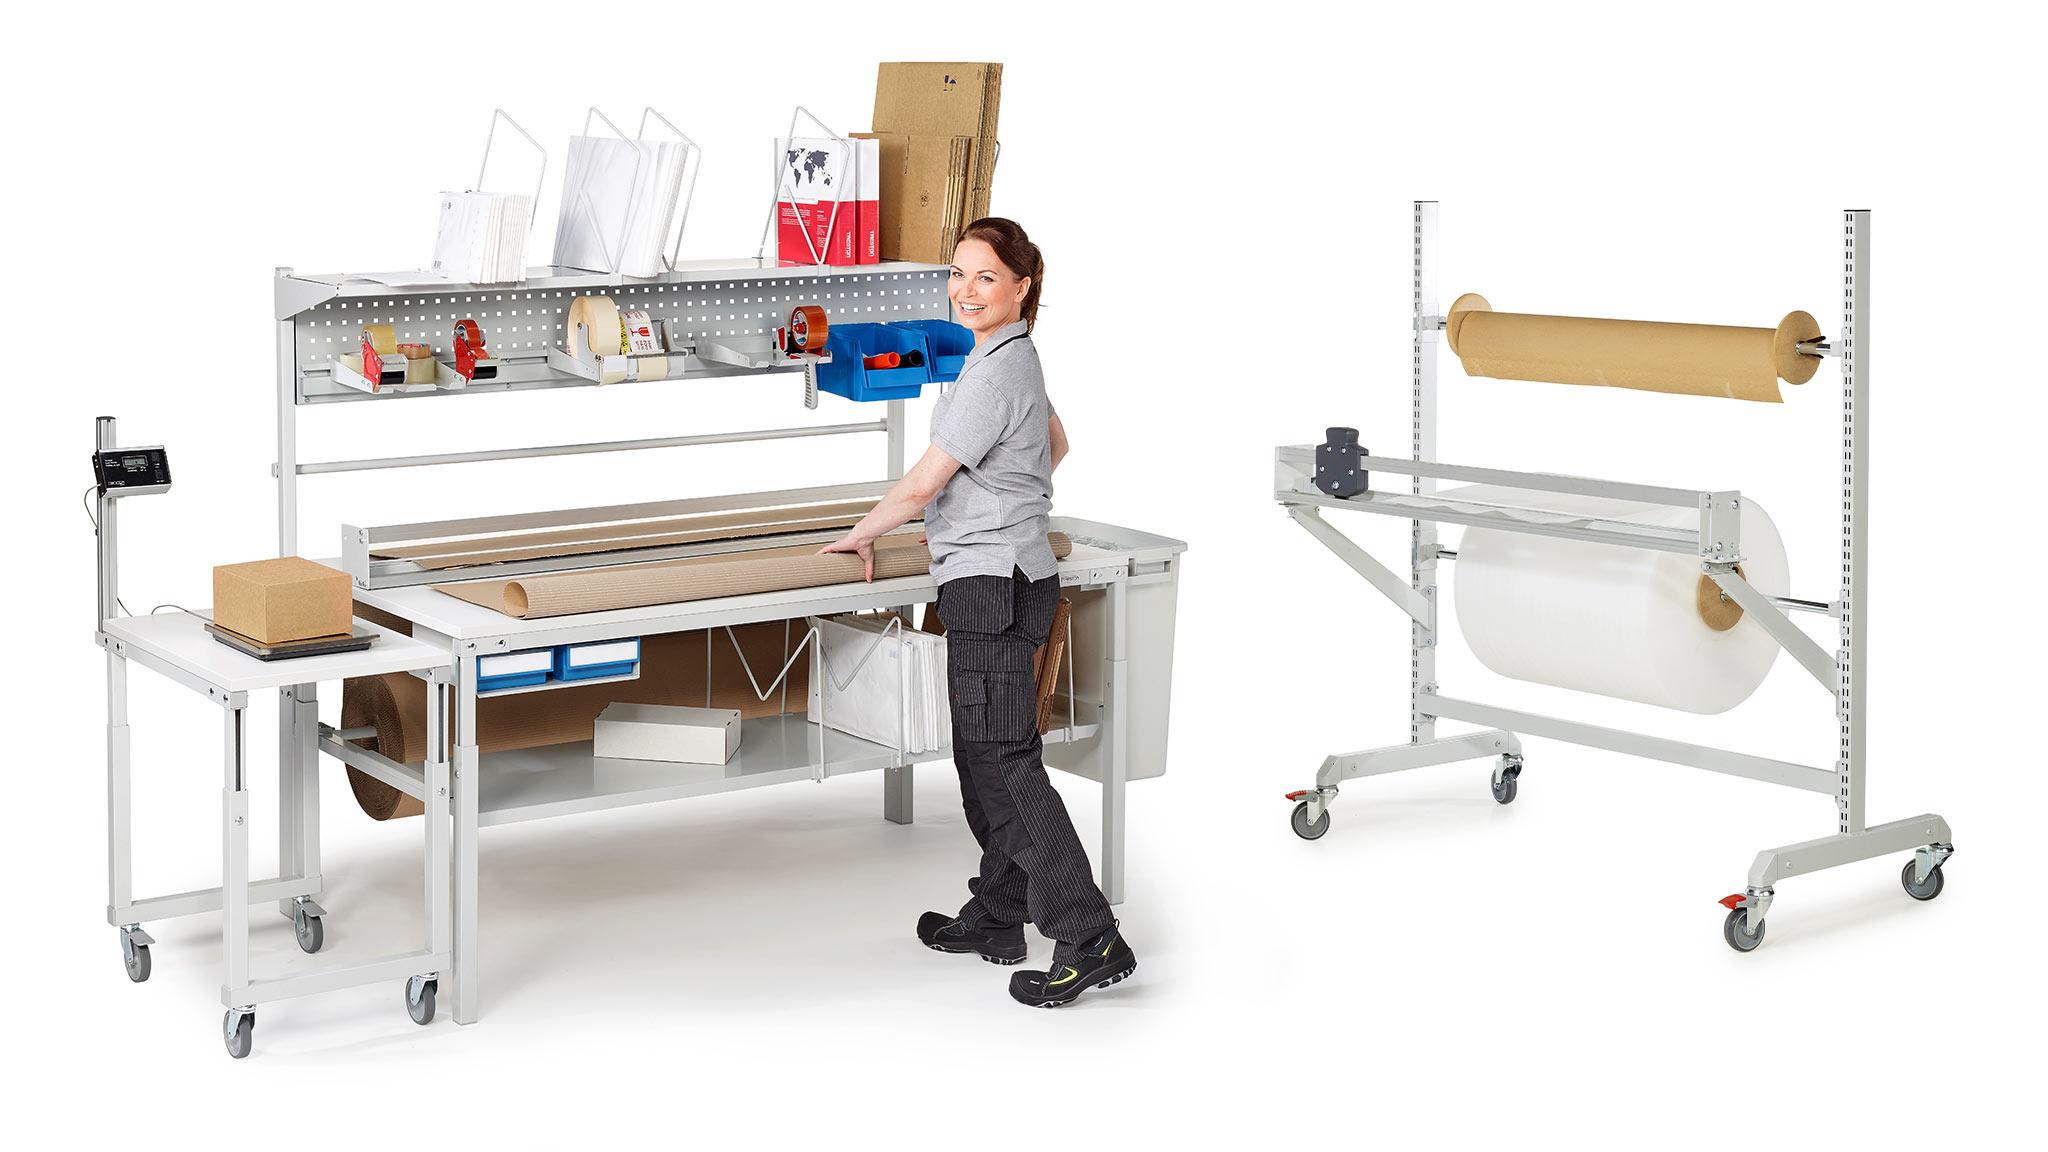 Pakkauspöydät ja materiaalitelineet